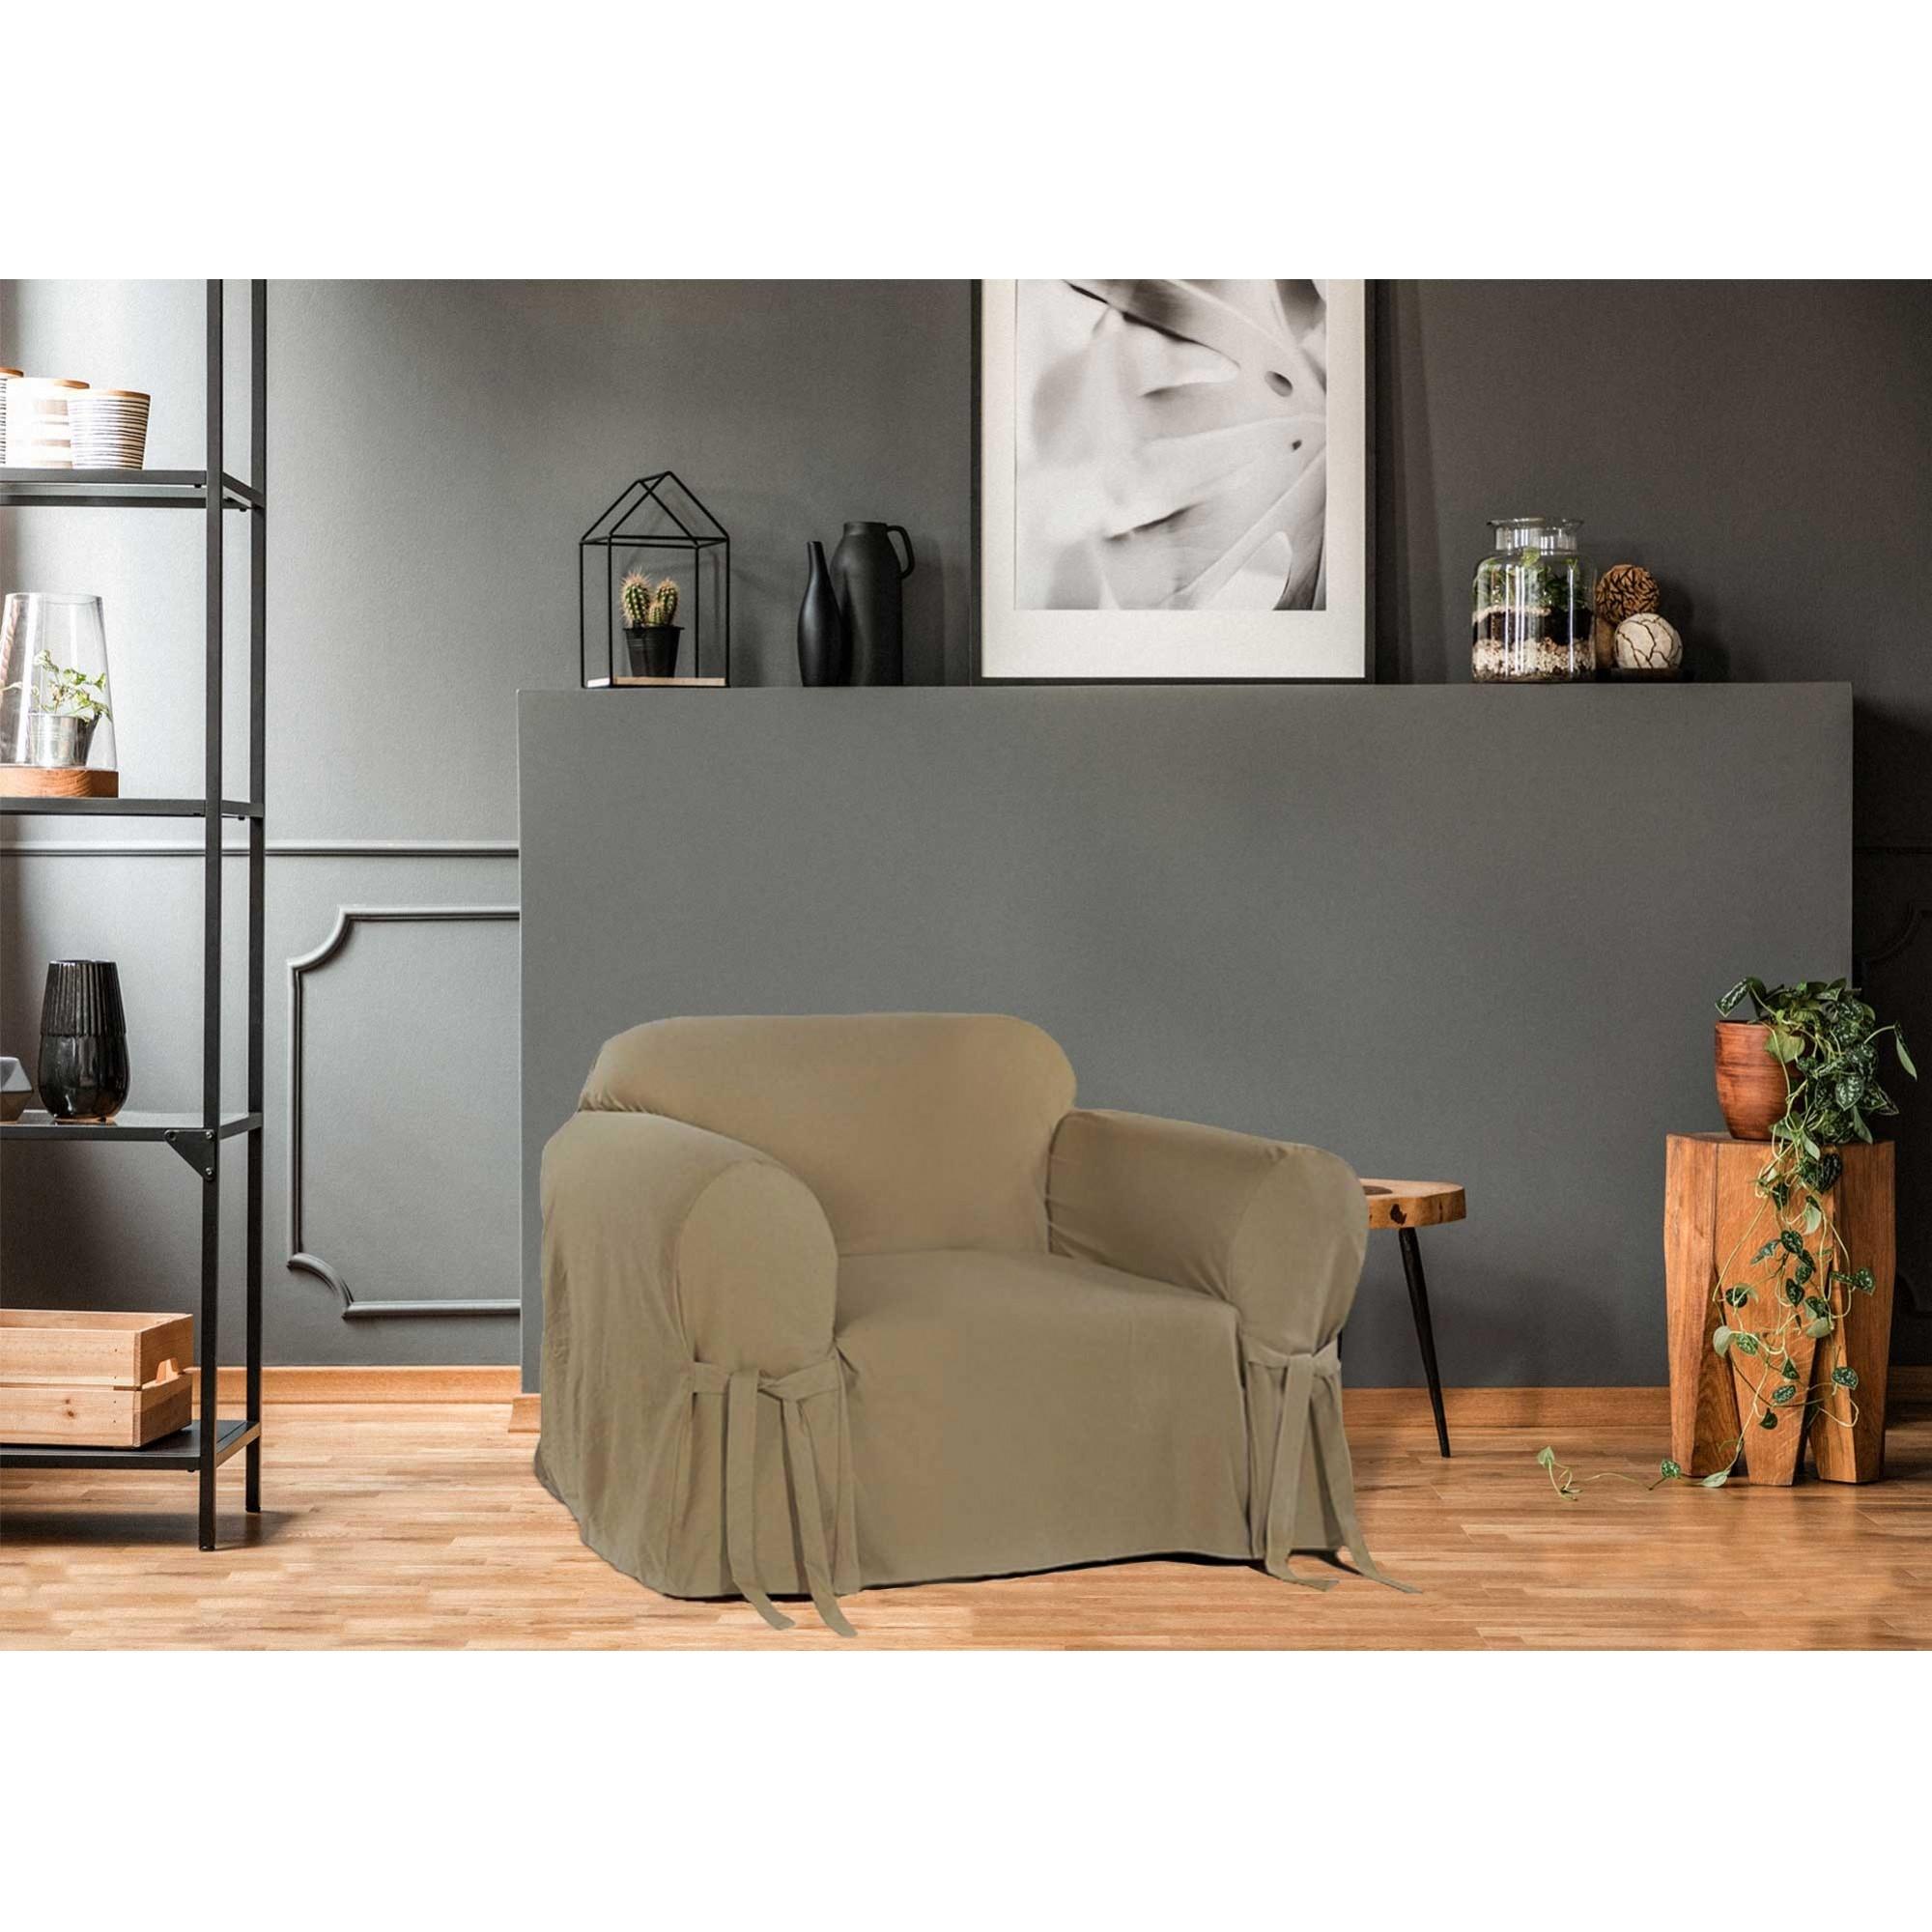 Capa p/ Sofá de 1 Lug MARROM em Brim